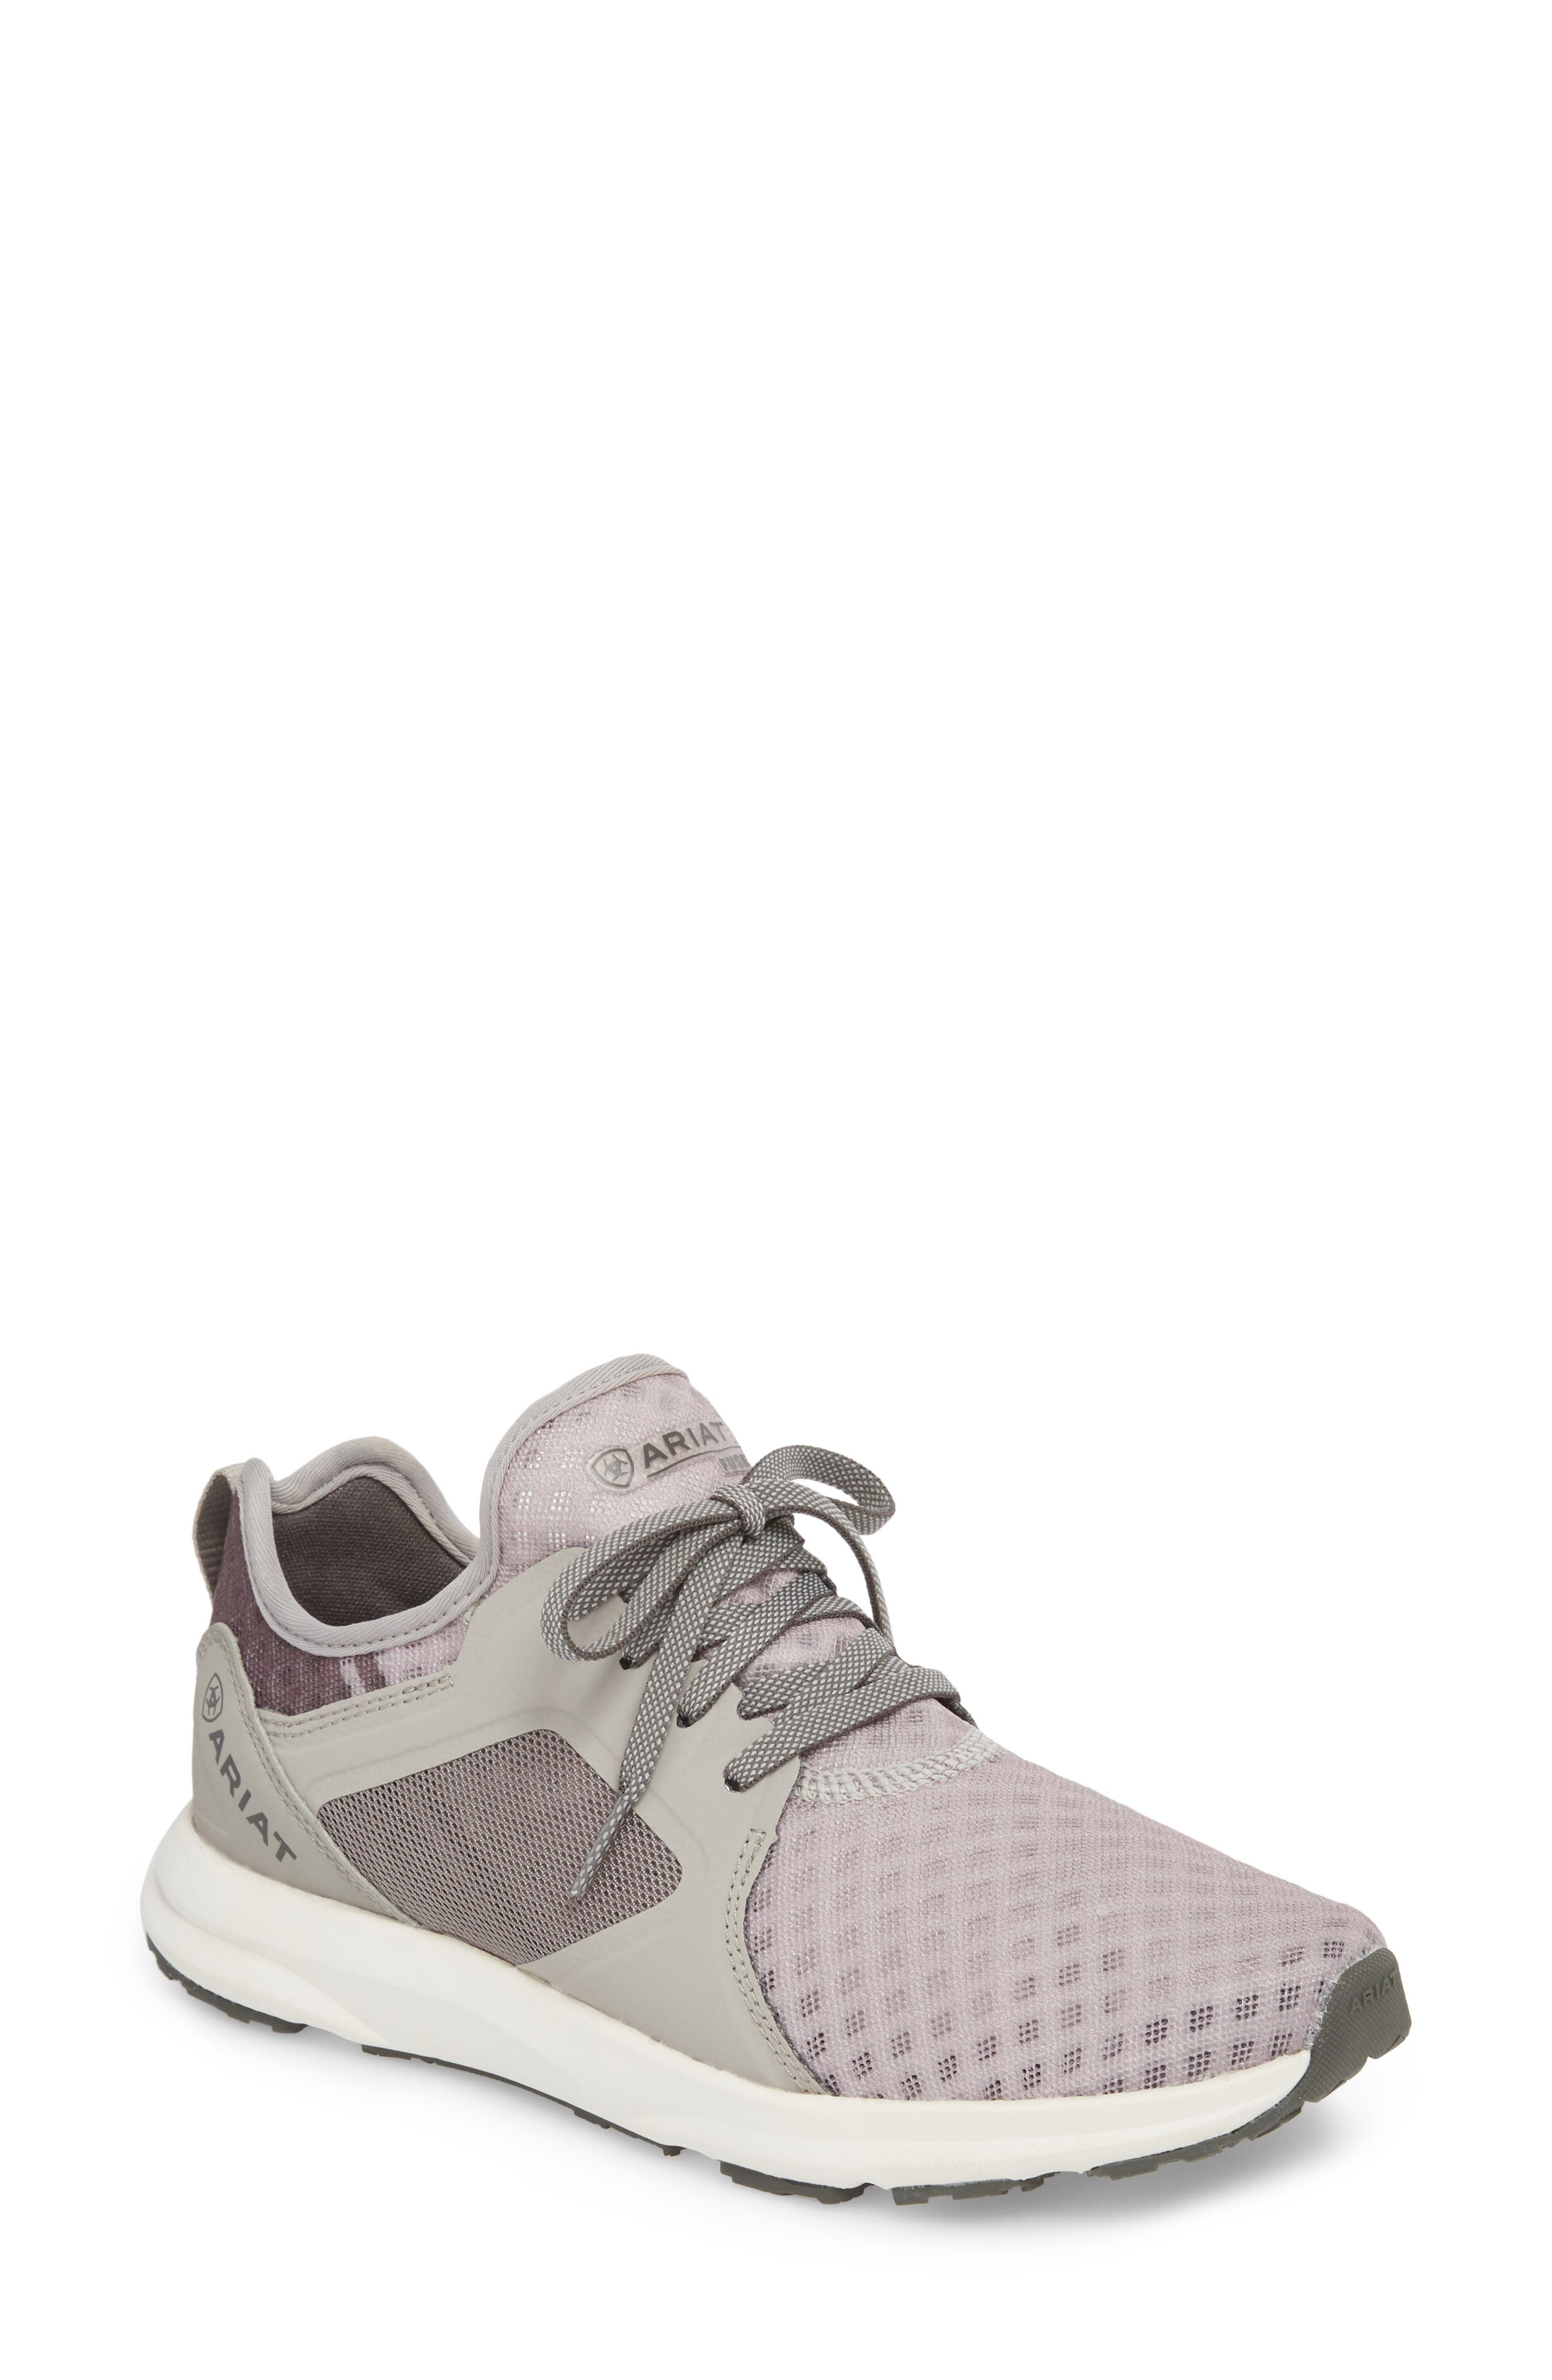 ARIAT Fuse Print Sneaker in Grey Mesh